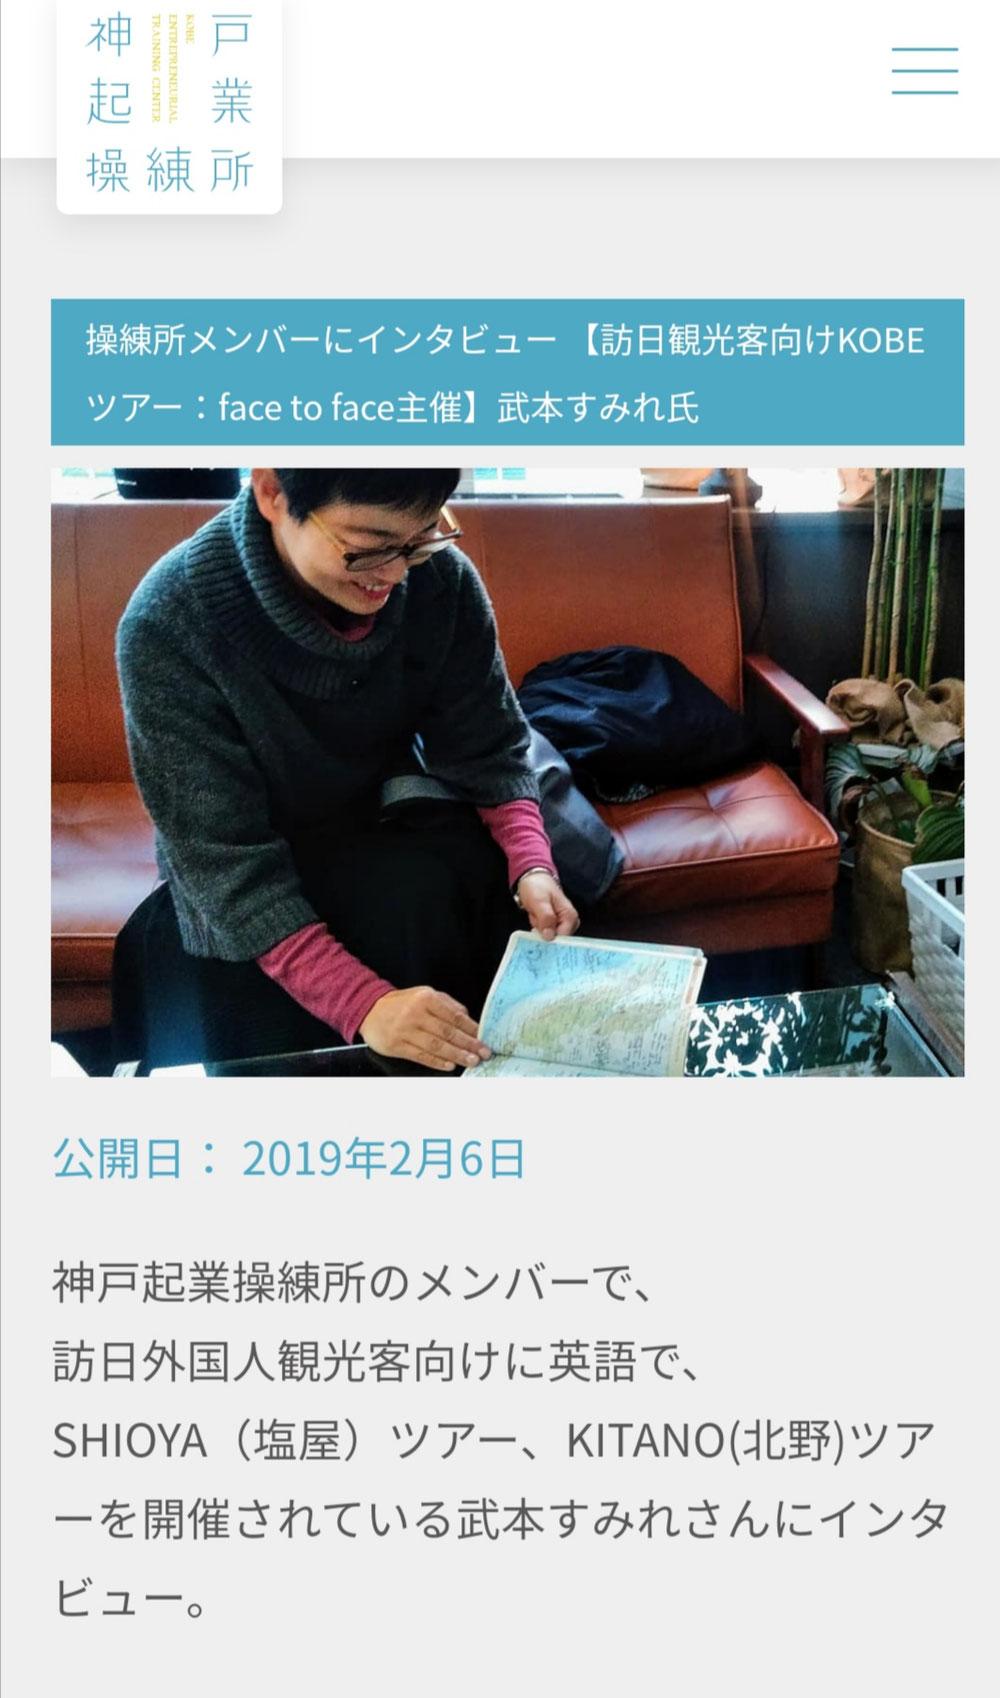 Kobe entrepreneur training center interview   神戸起業操練所インタビュー